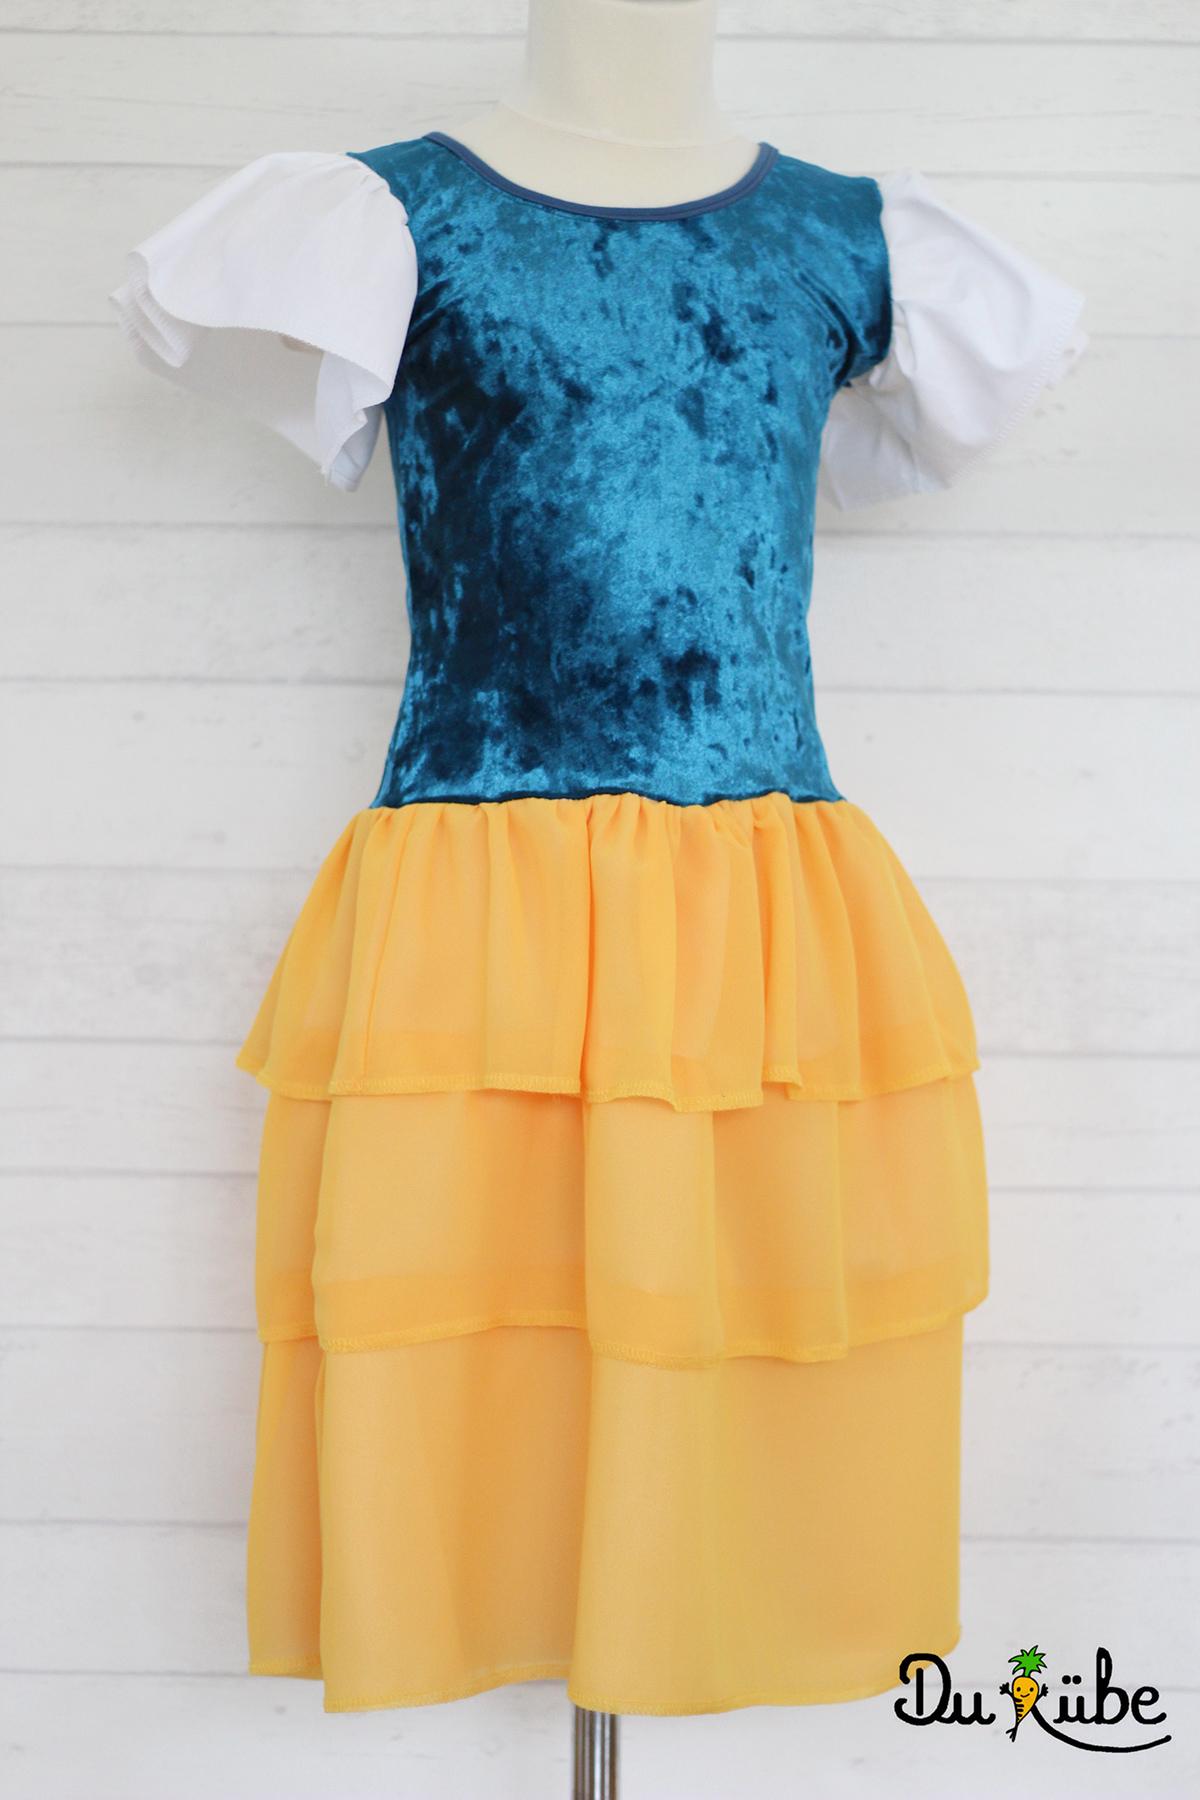 Rüschenkleid Prinzessin in blau gelb, genäht von Du Rübe